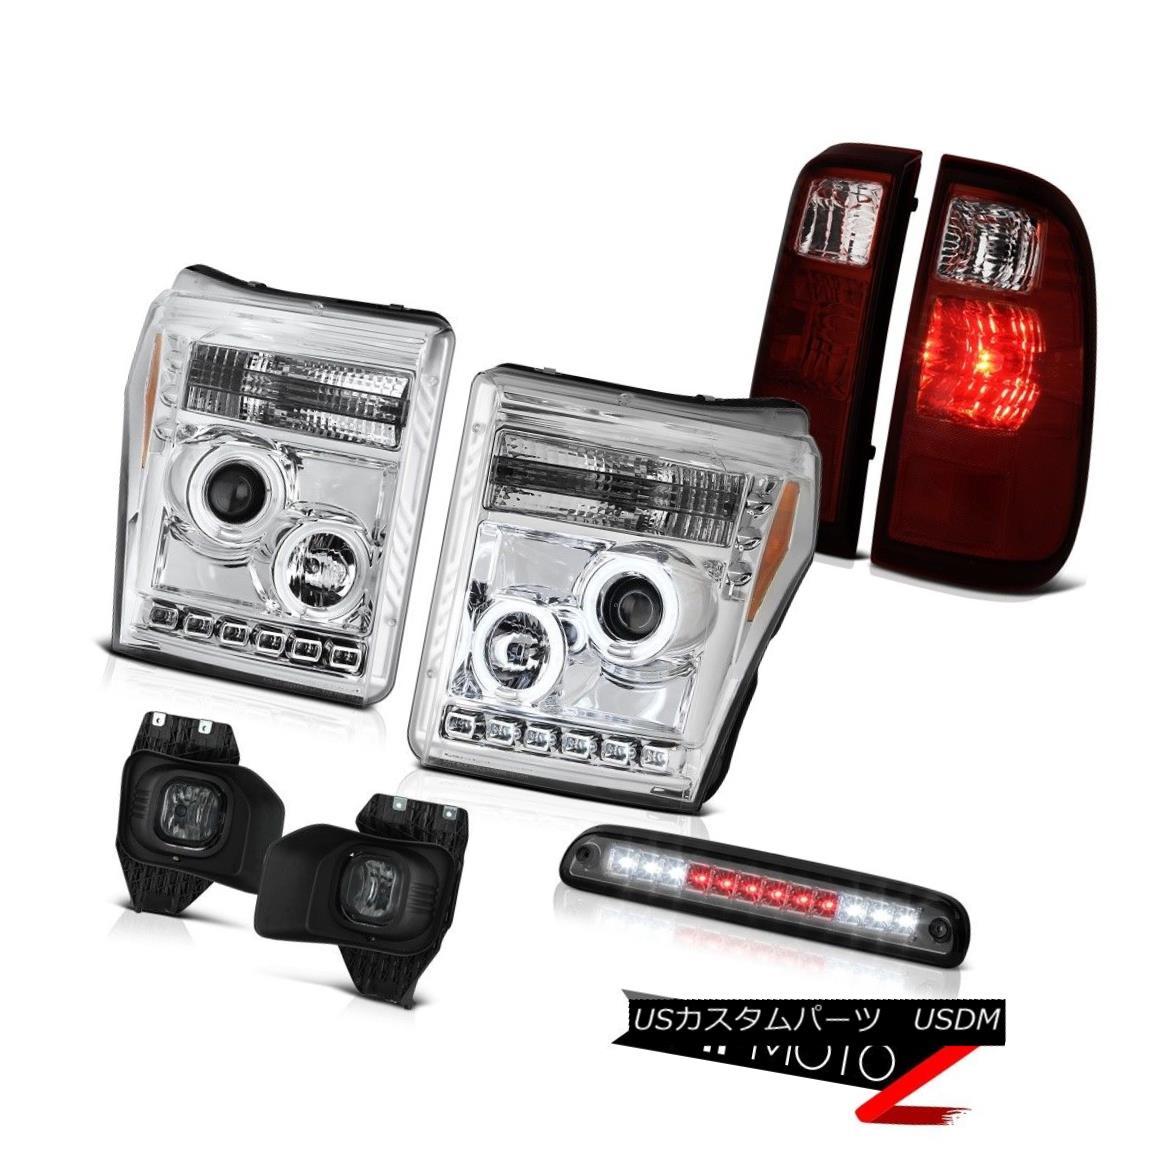 テールライト 11-16 Ford F-250 High Stop Light Fog Lights Rear Brake Lamps Headlamps Oe Style 11-16 Ford F-250ハイストップライトフォグライトリアブレーキランプヘッドランプOeスタイル